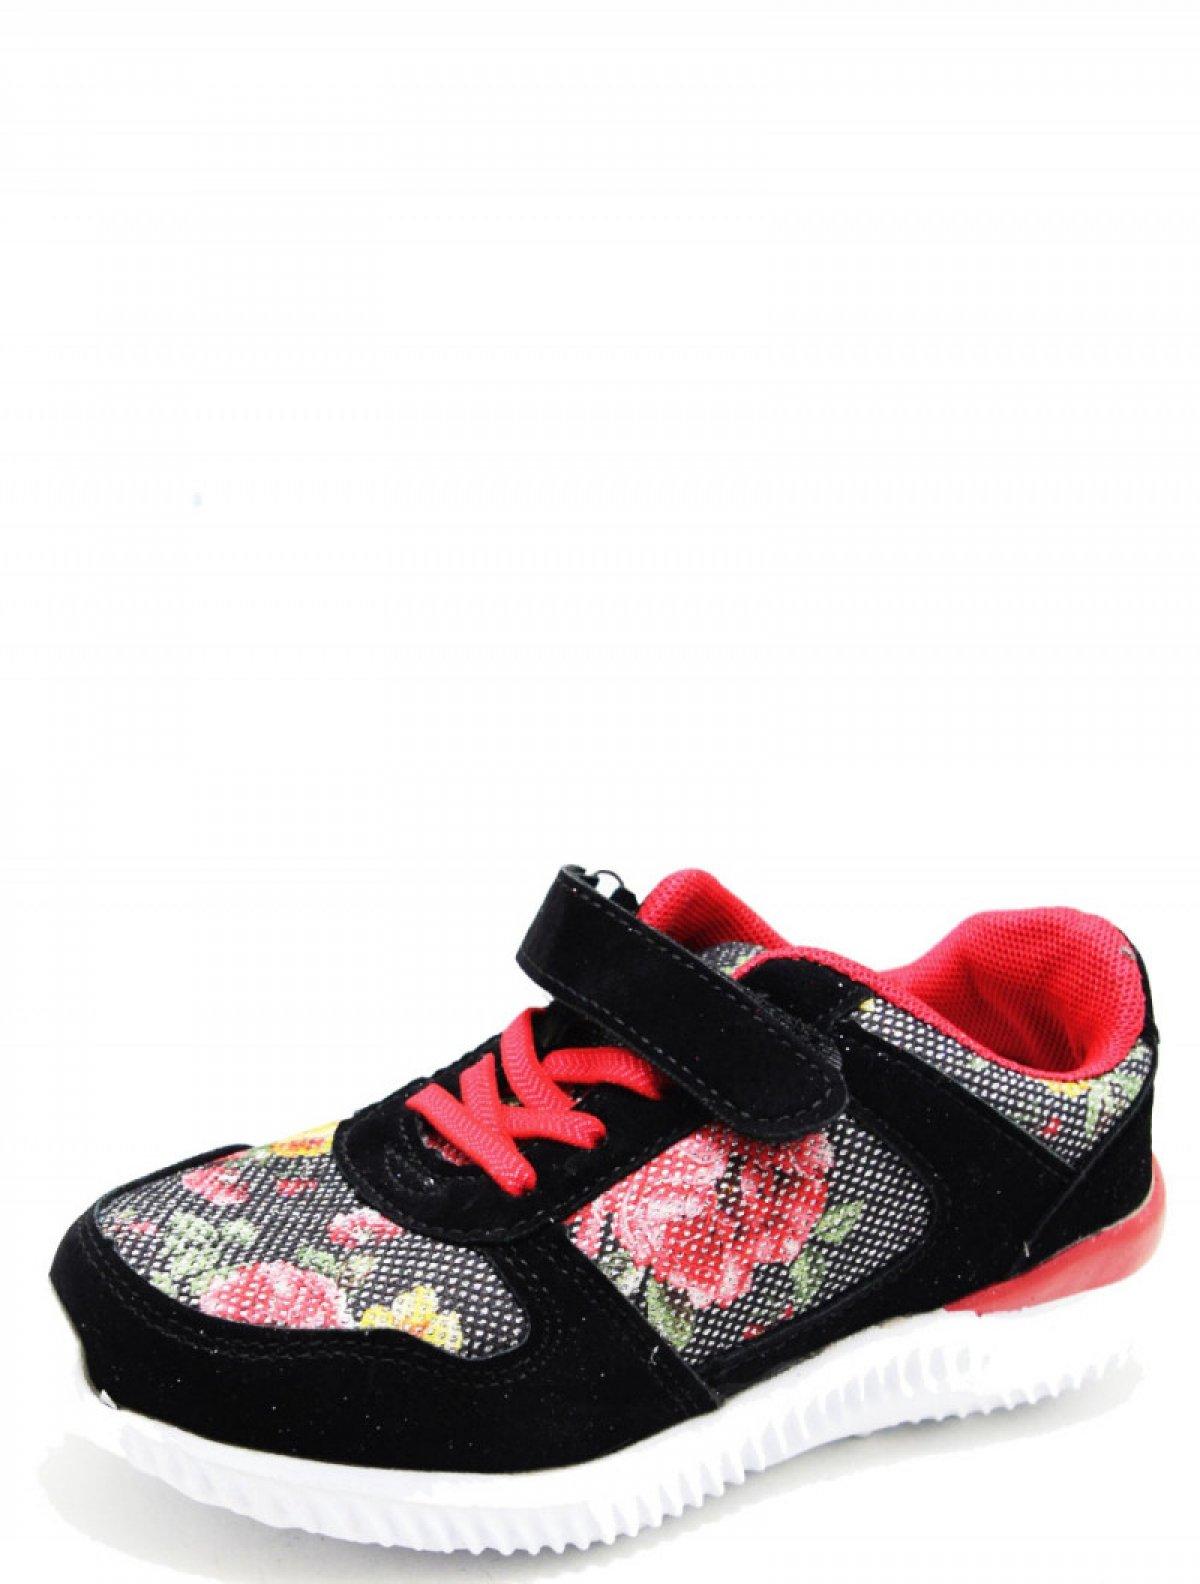 Y.TOP 17246-6 кроссовки для девочки